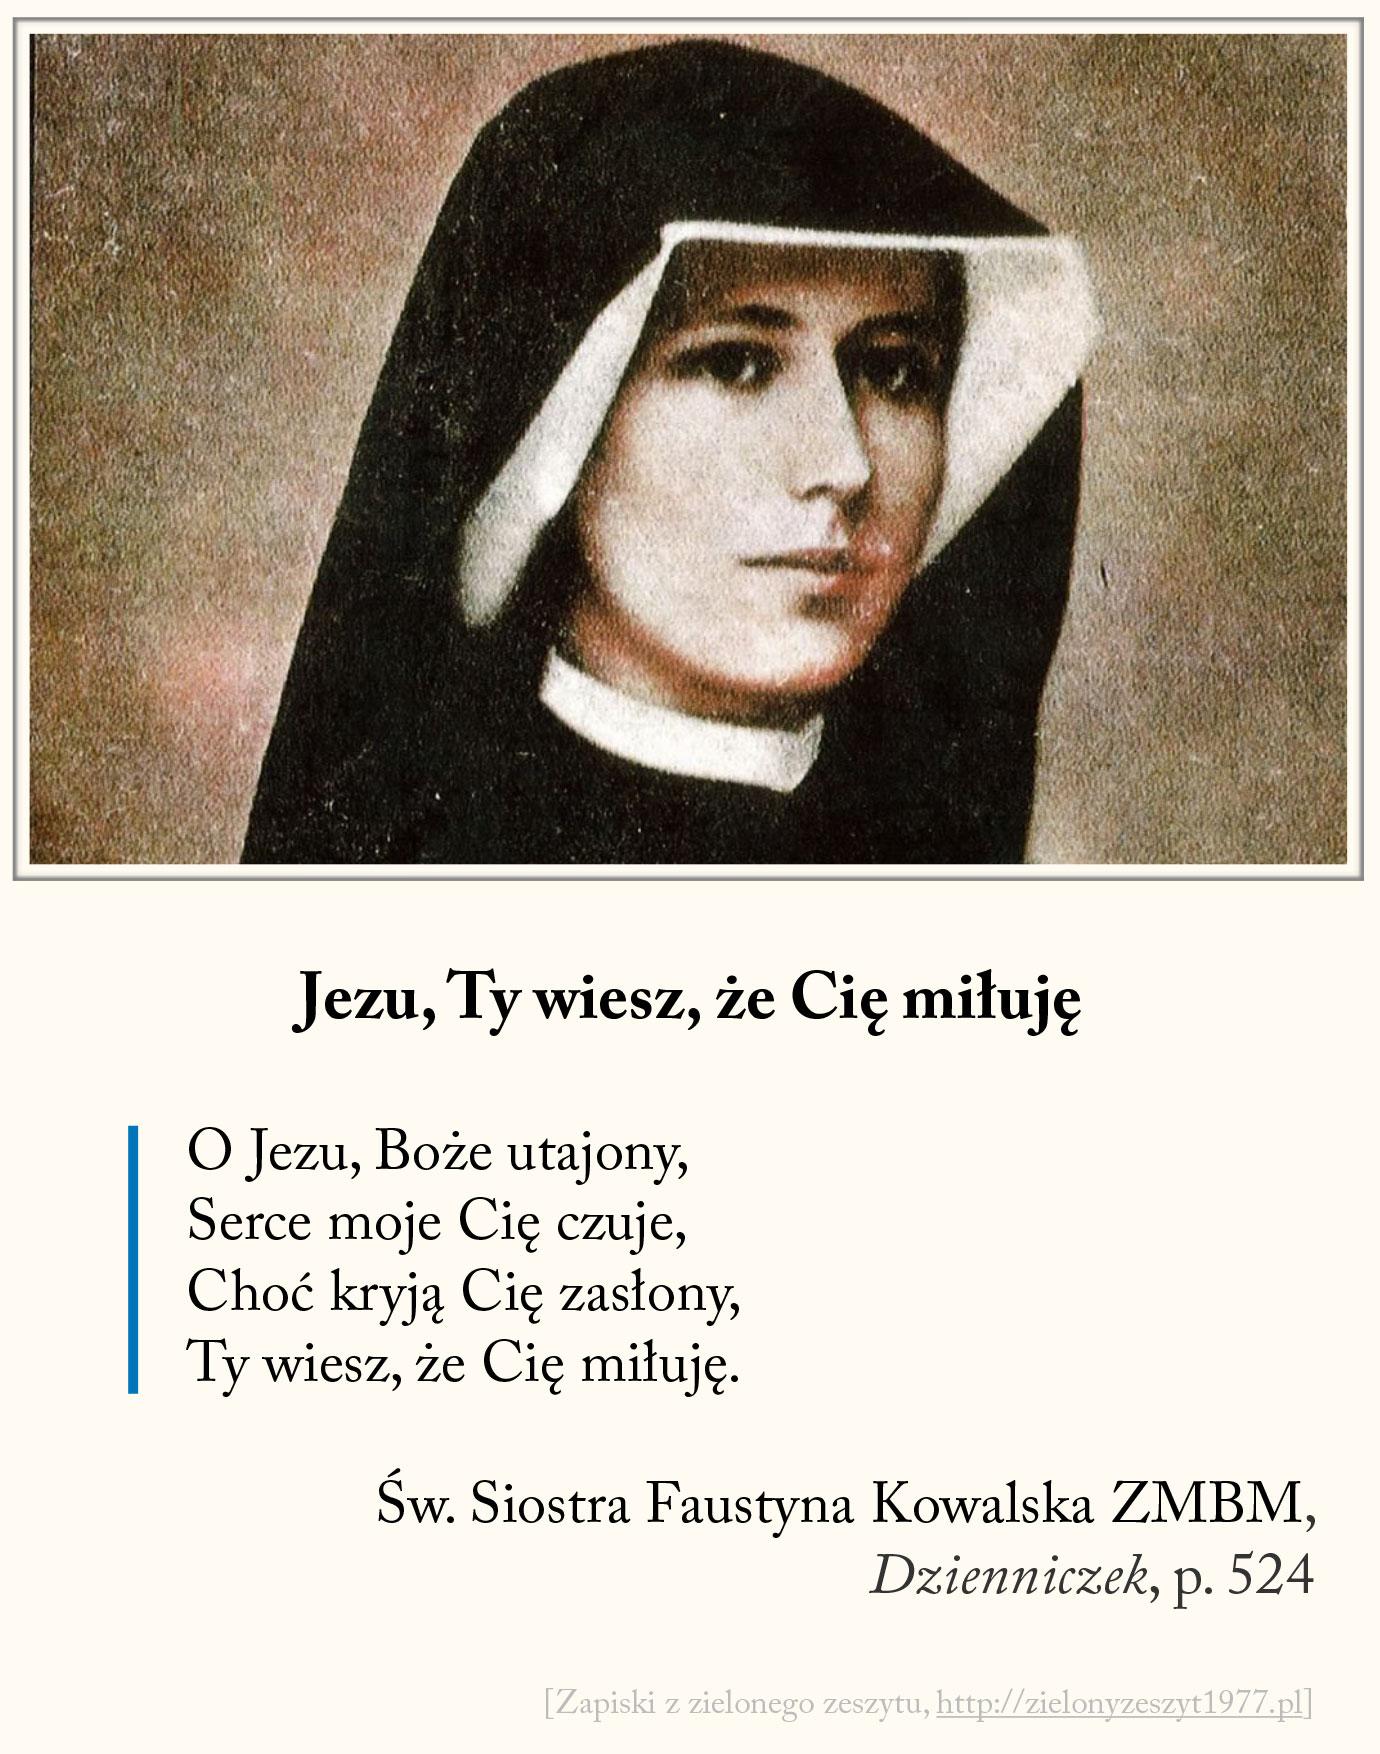 Jezu Ty wiesz że Cię miłuję, św. Faustyna Kowalska